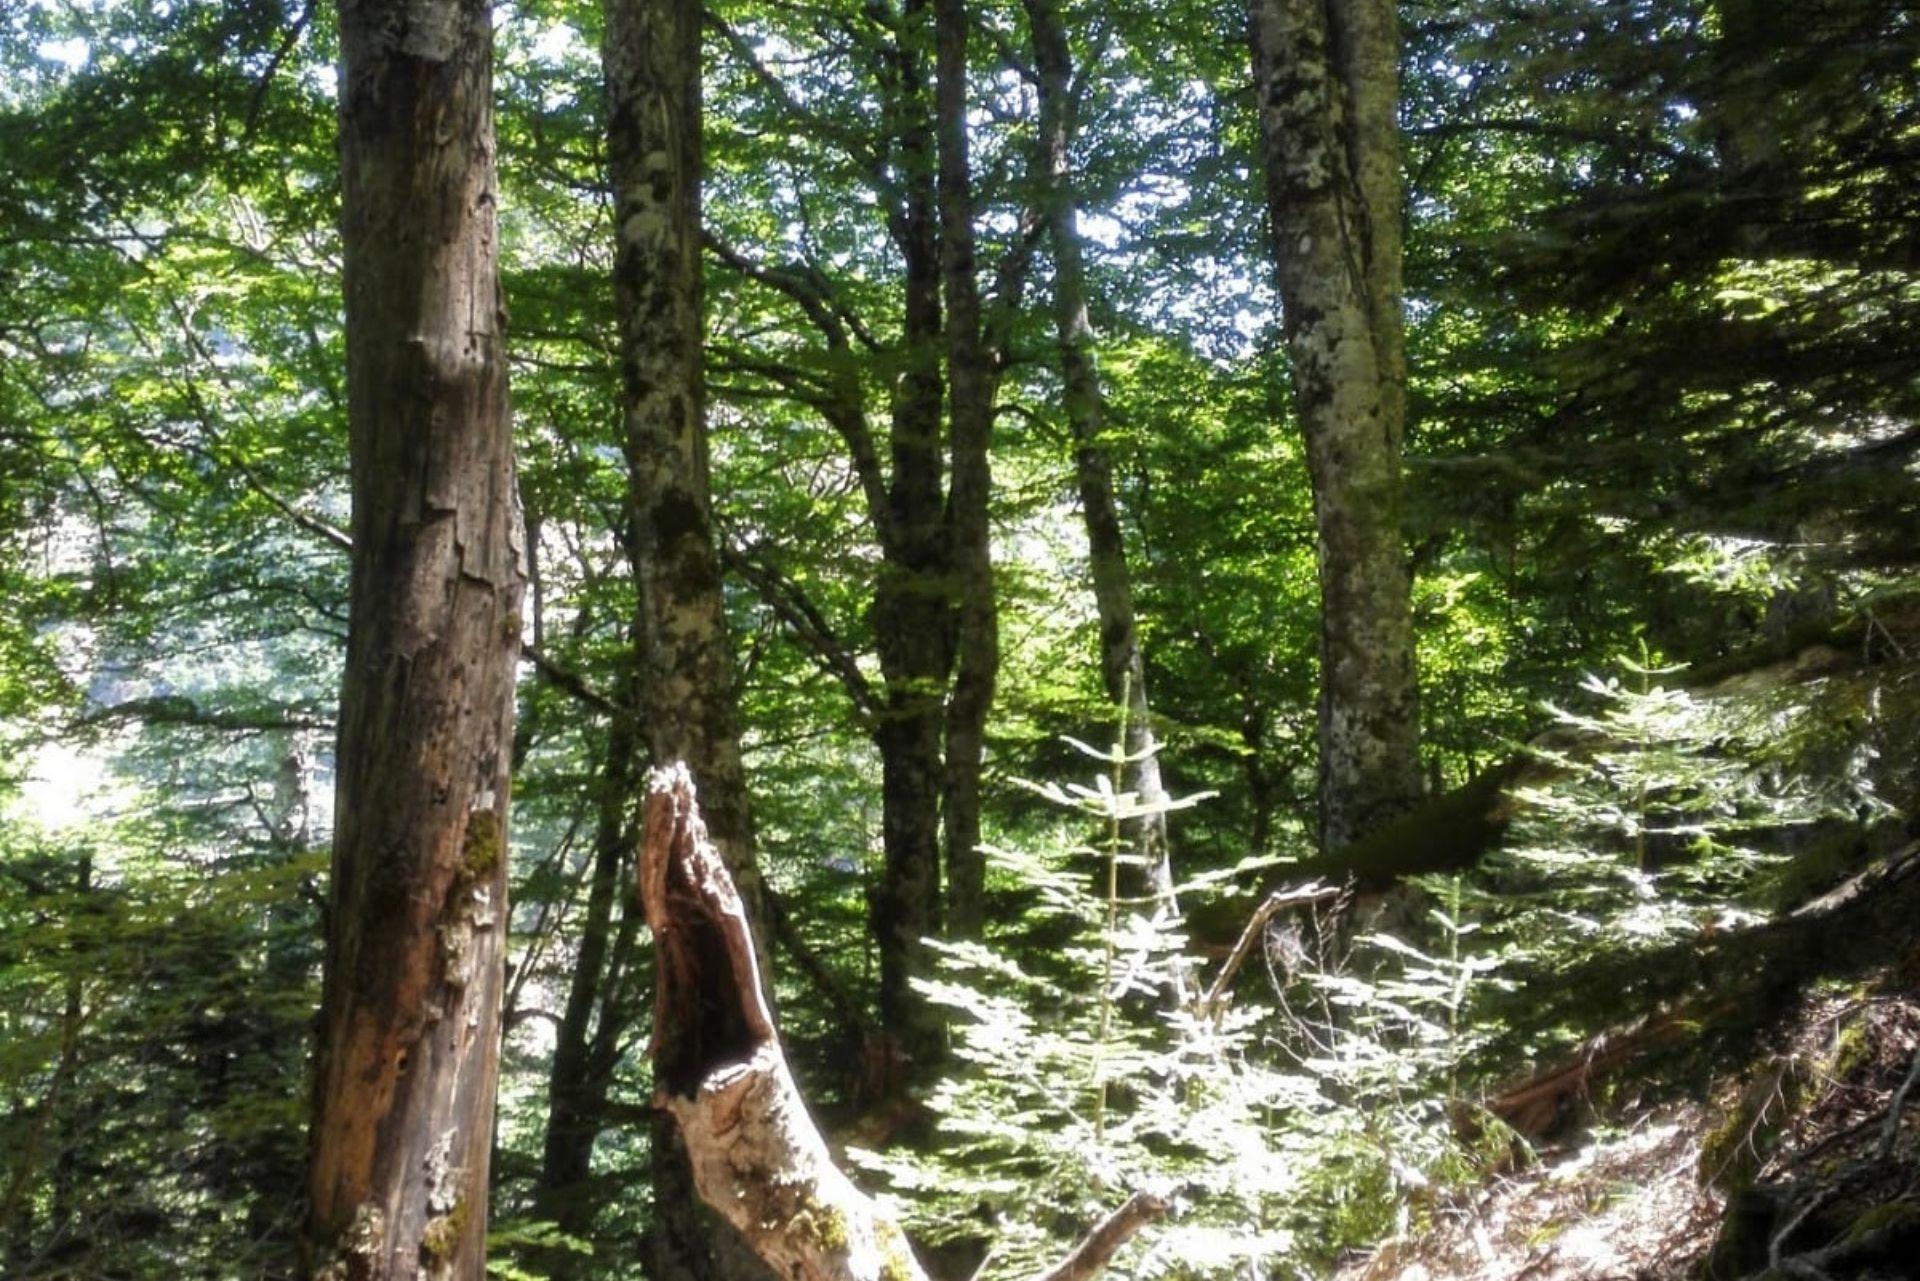 Parco Aspromonte: faggeta vetusta di Valle Infernale tra i patrimoni mondiali dell'Umanità Unesco